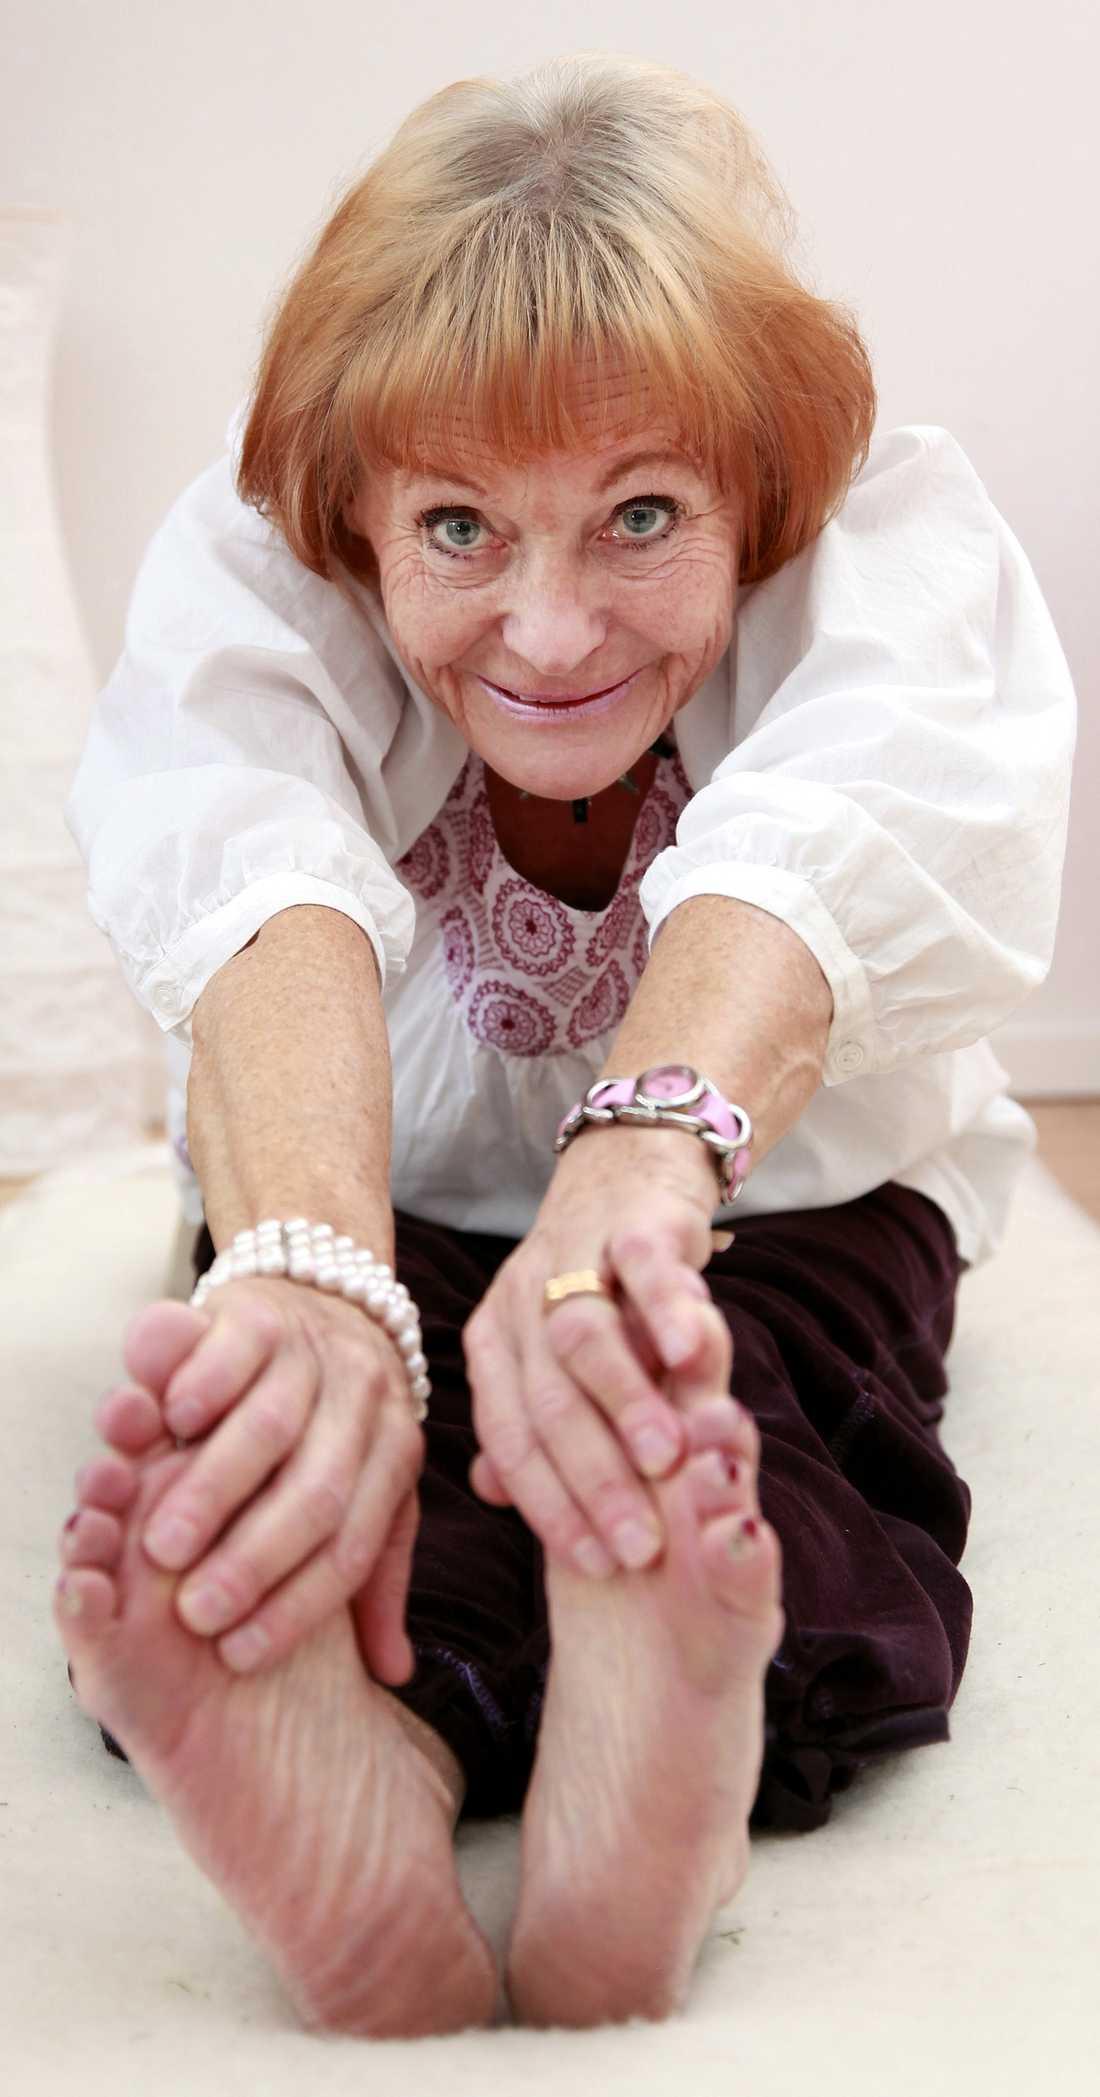 Christina Bäckman gör yogaövningarna varje dag och de håller henne frisk. Danderyds sjukhus är just i färd med att starta en studie på patienter med förmaksflimmer.